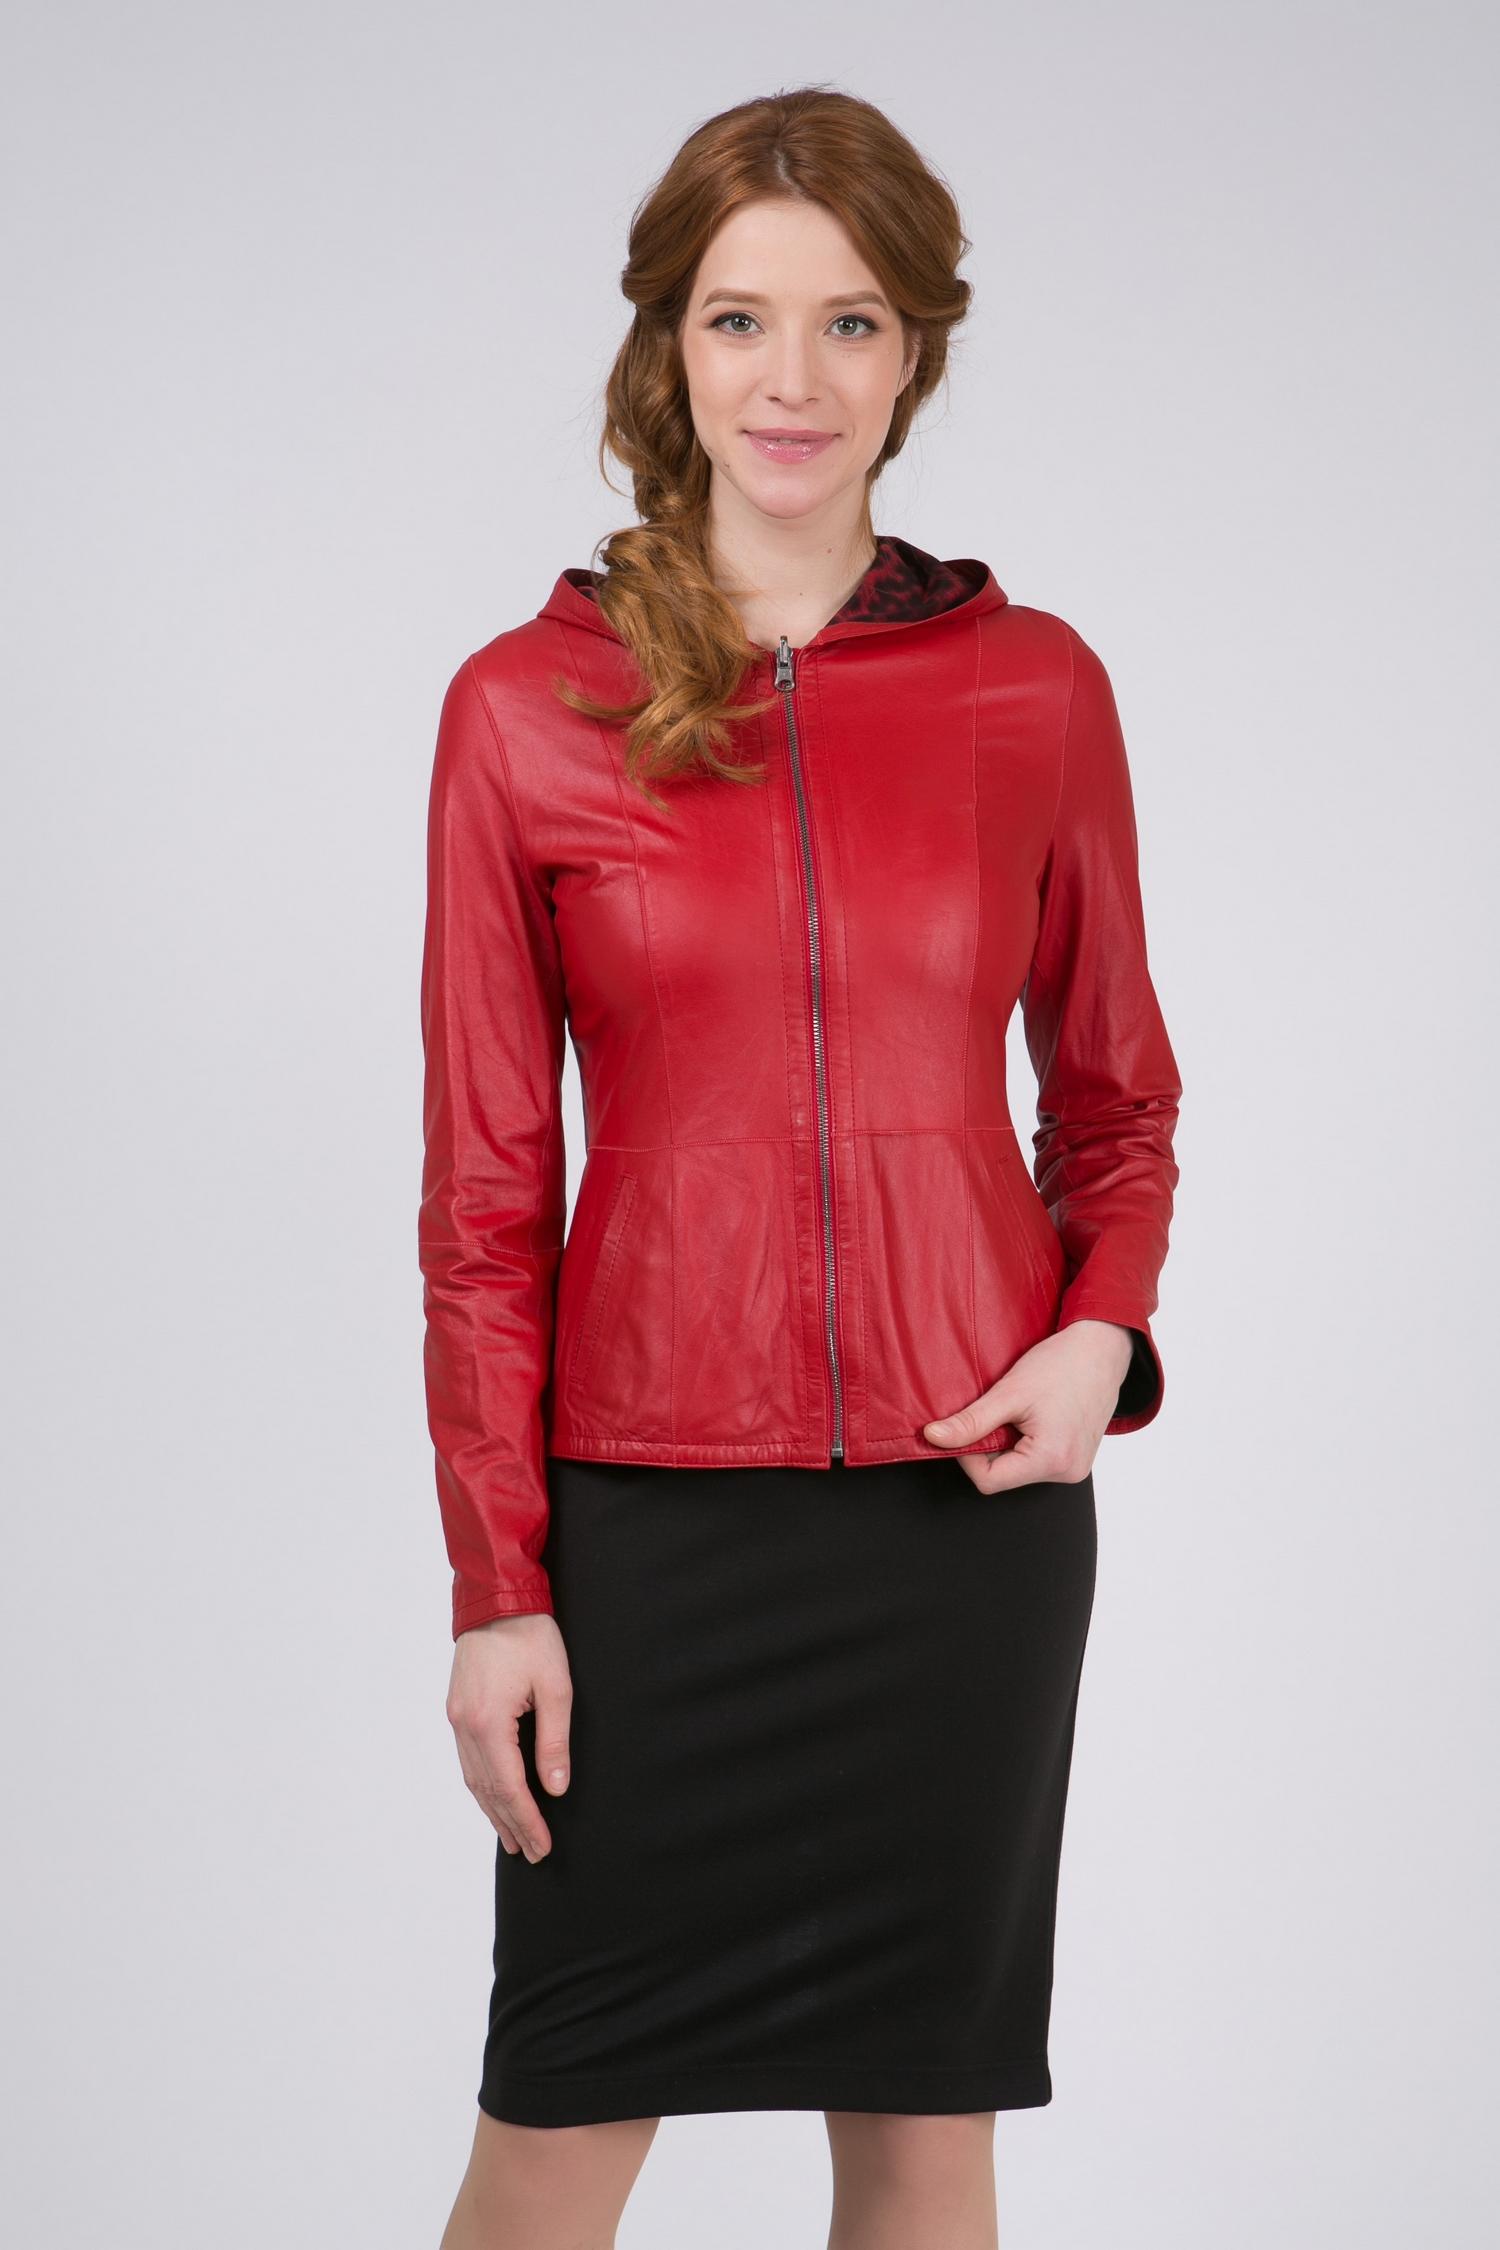 Женская кожаная куртка из натуральной кожи с капюшоном, без отделки<br><br>Воротник: капюшон<br>Длина см: Короткая (51-74 )<br>Материал: Кожа овчина<br>Цвет: красный<br>Вид застежки: центральная<br>Застежка: на молнии<br>Пол: Женский<br>Размер RU: 48